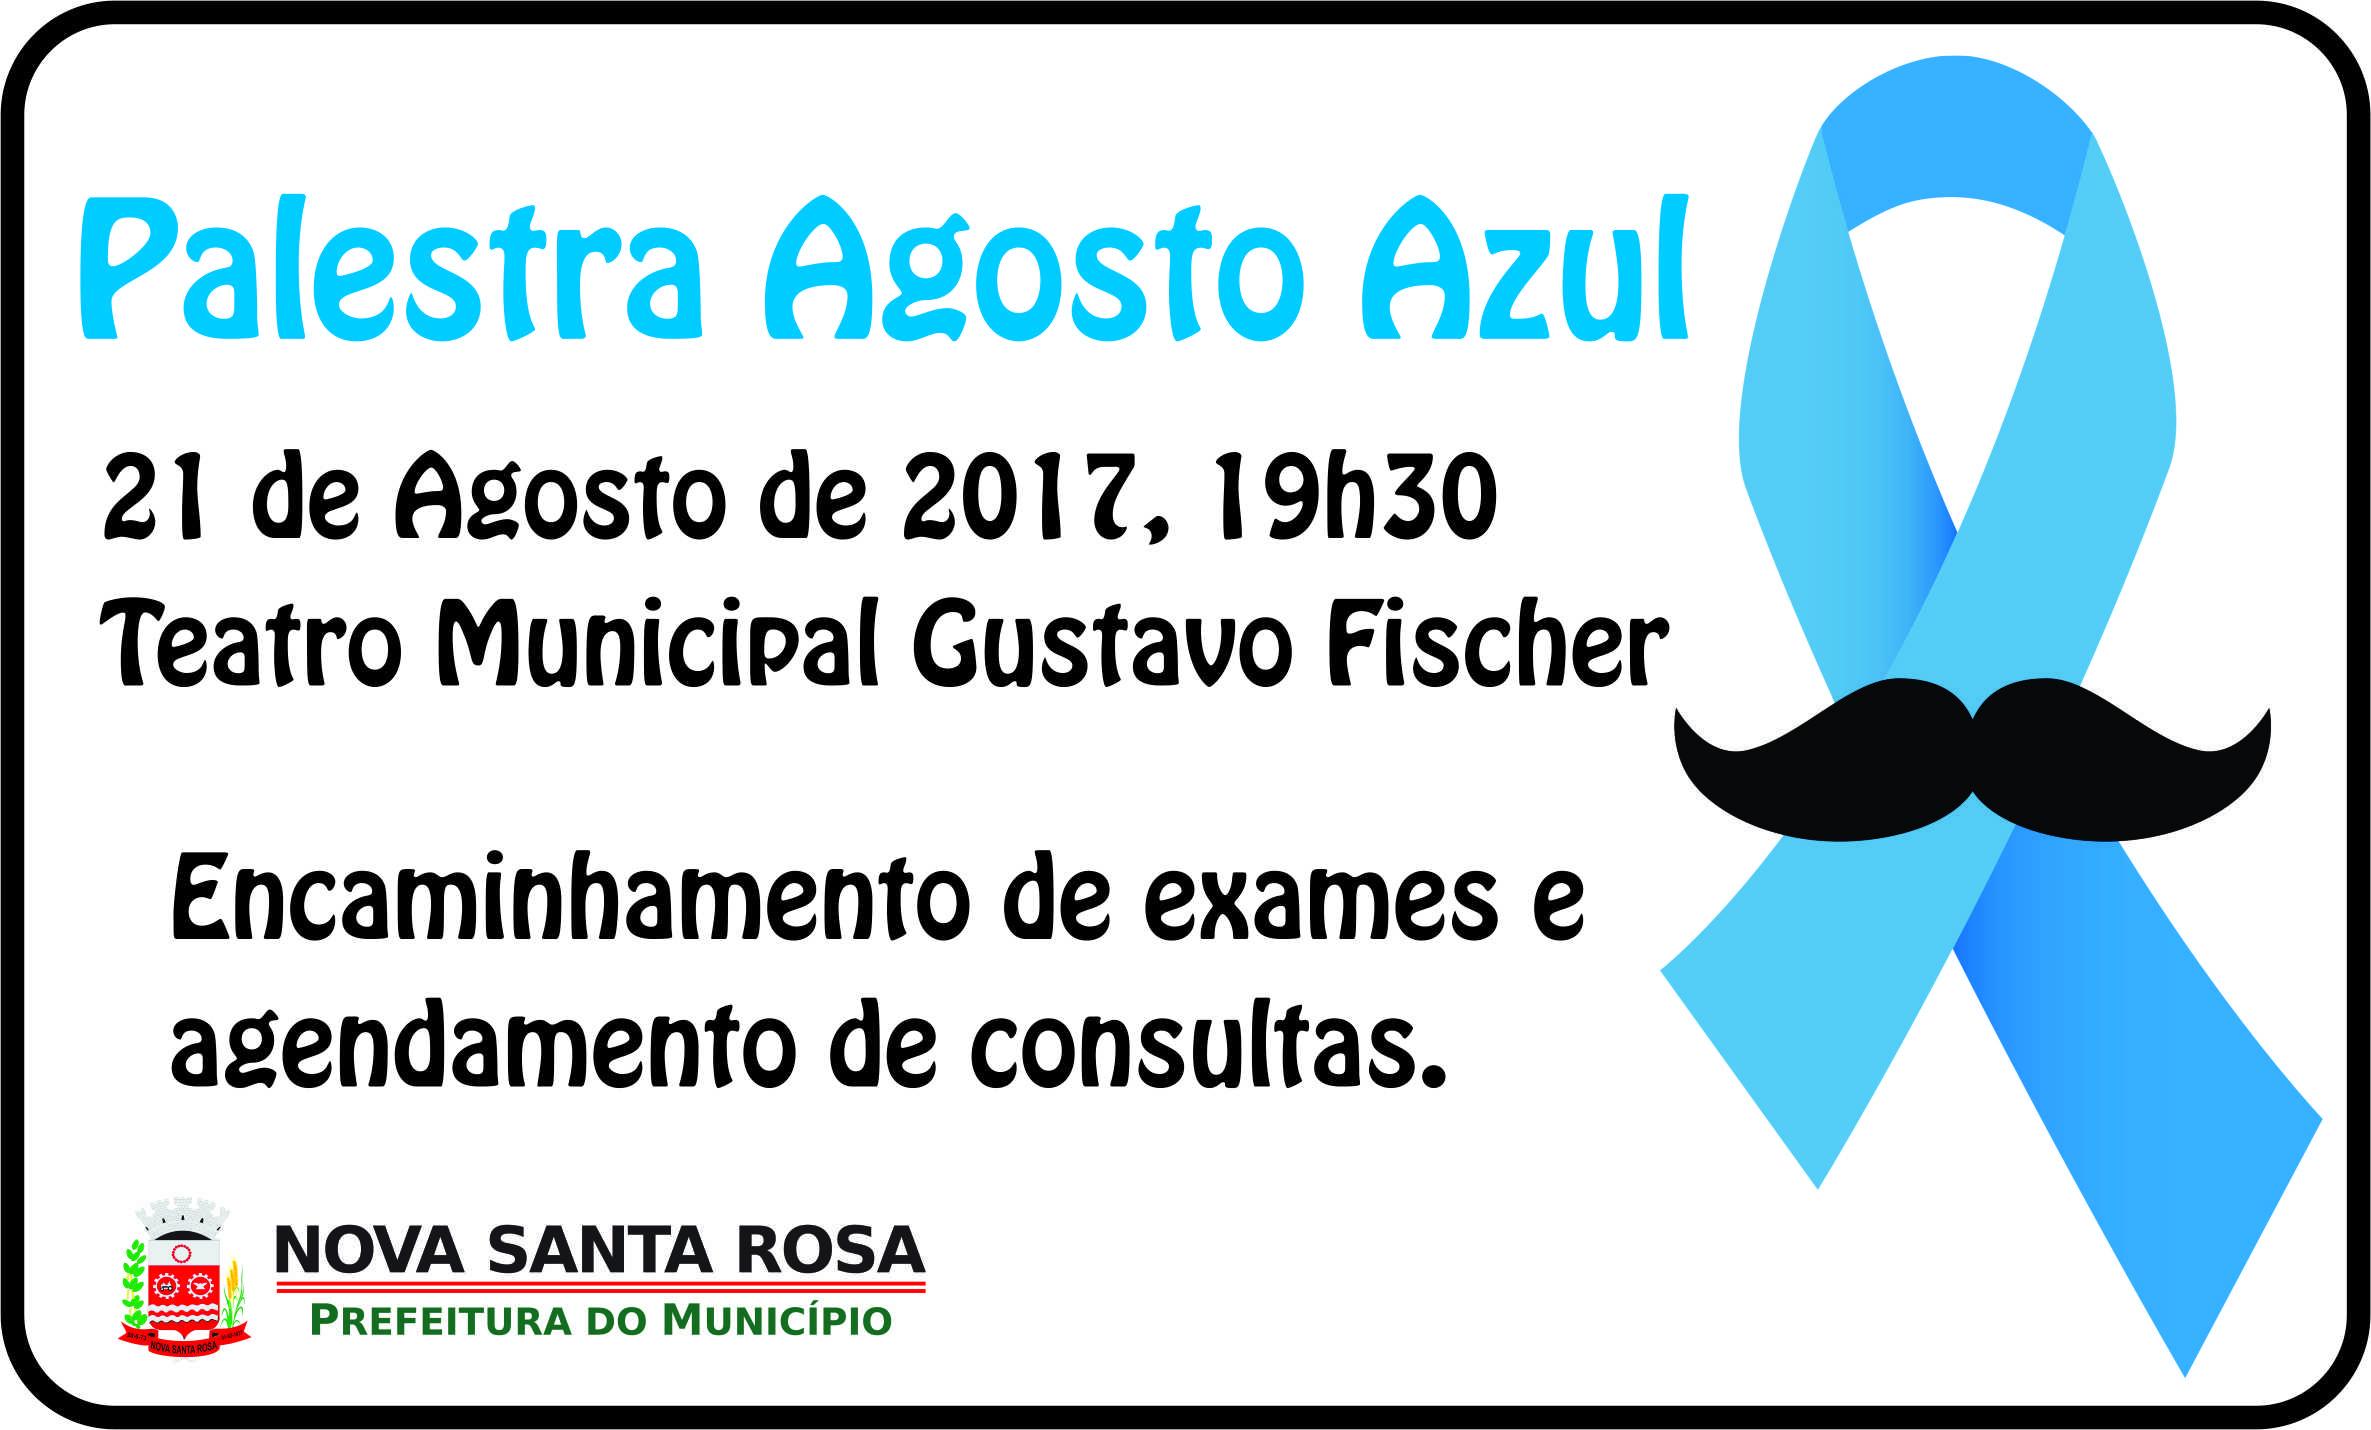 22a70a866 A Prefeitura de Nova Santa Rosa, por meio da Secretaria de Saúde, convida  todos os homens para a palestra alusiva a Saúde do Homem, que será  realizada nesta ...